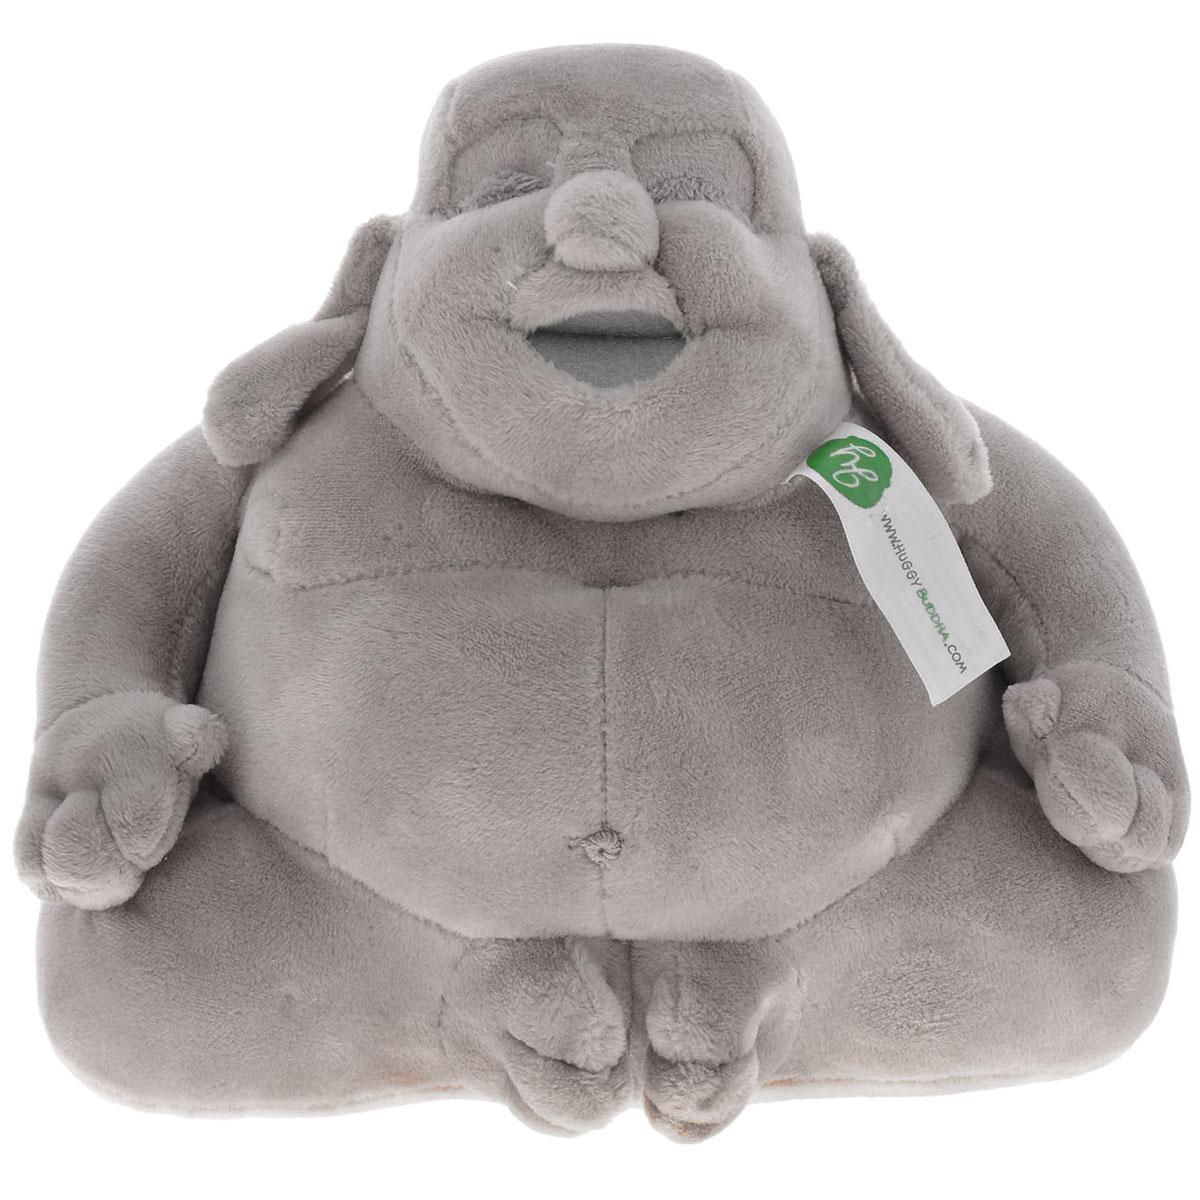 Мягкая игрушка Huggy Buddha Junior, цвет: серый, 18 смHBJgreyМягкая игрушка Huggy Buddha Junior выполнена из приятного на ощупь материала в виде фигуры Будды. Плюшевая фигура принесет вам и вашим близким удачу, богатство и многие другие блага. Такой талисман станет приятным украшением в любом доме - благодаря уникальному дизайну и высокому качеству исполнения. Дарить Huggy Buddha можно как взрослым, так и детям всех возрастов. Внесите в свой дом частицу спокойствия и благополучия - и делитесь этим с близкими вместе с прекрасными фигурками плюшевого Будды!